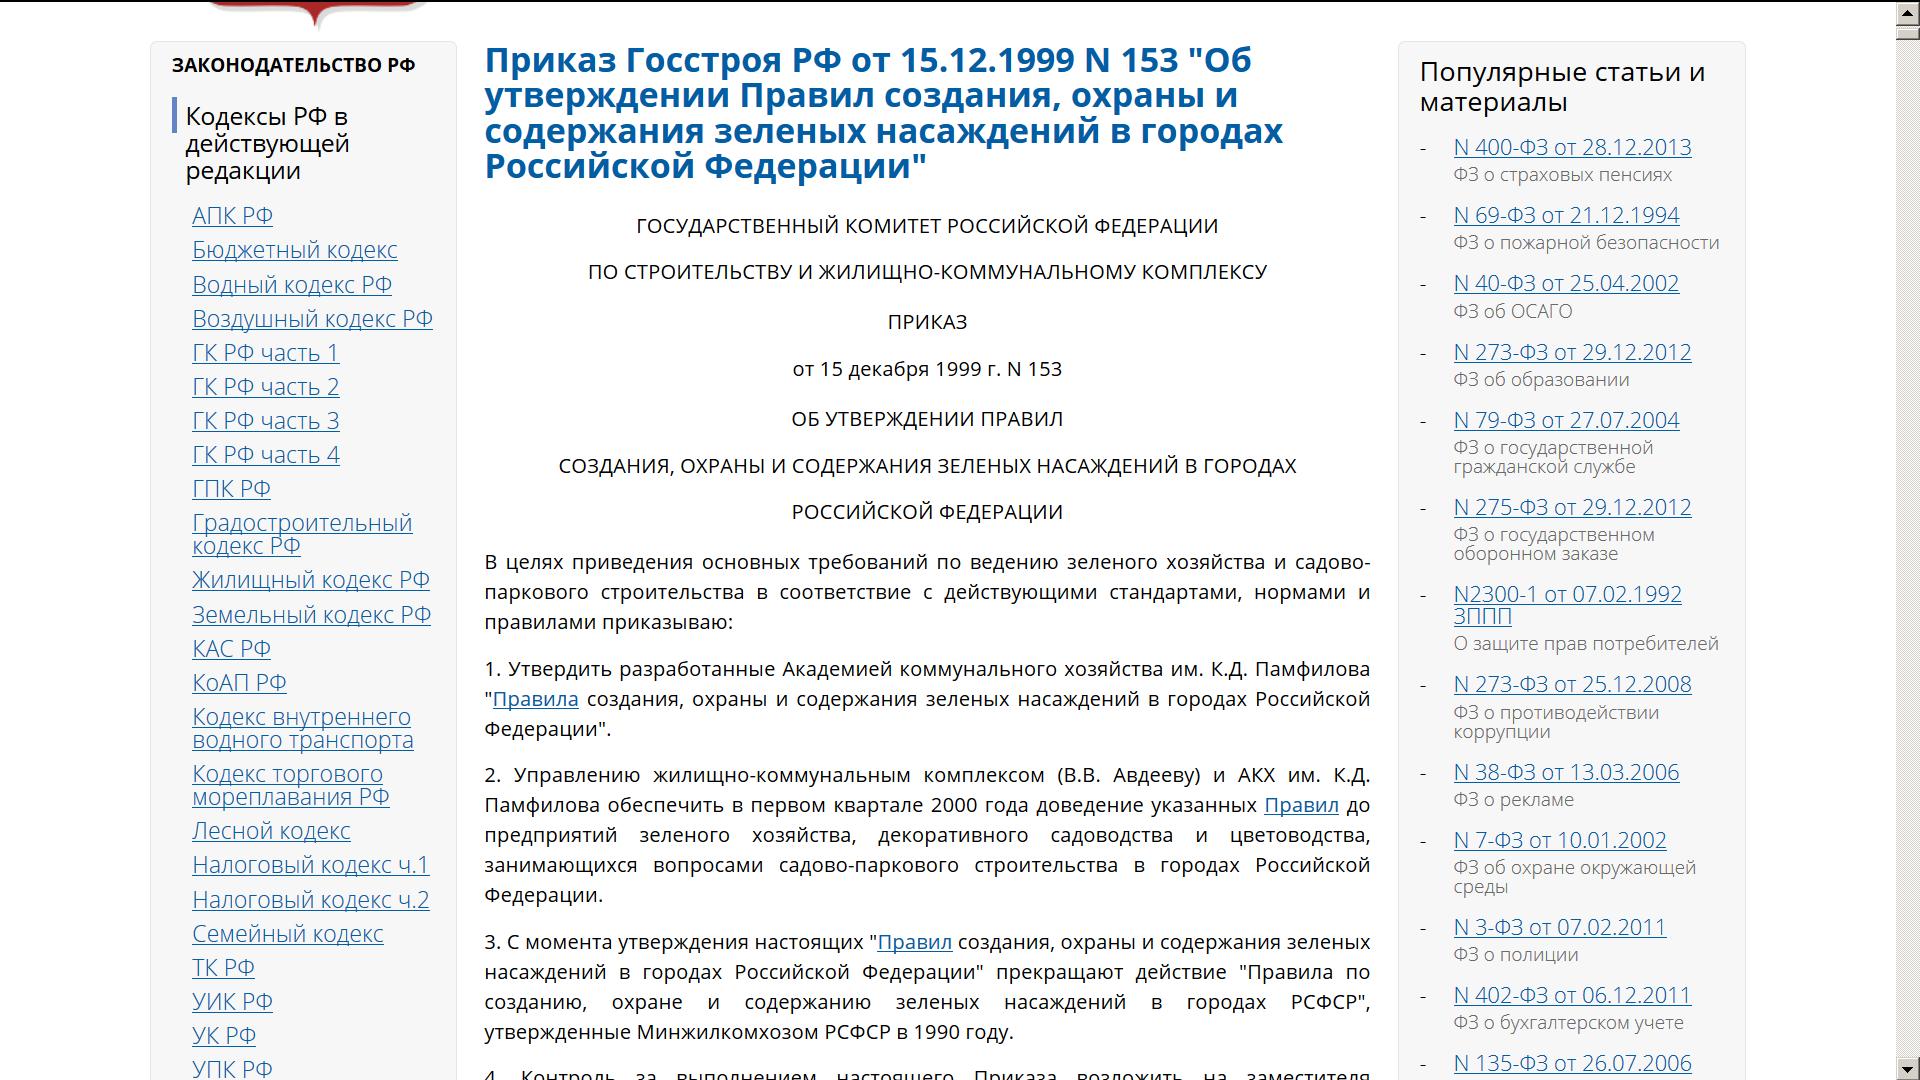 Пример страницы с сайта legalacts.ru